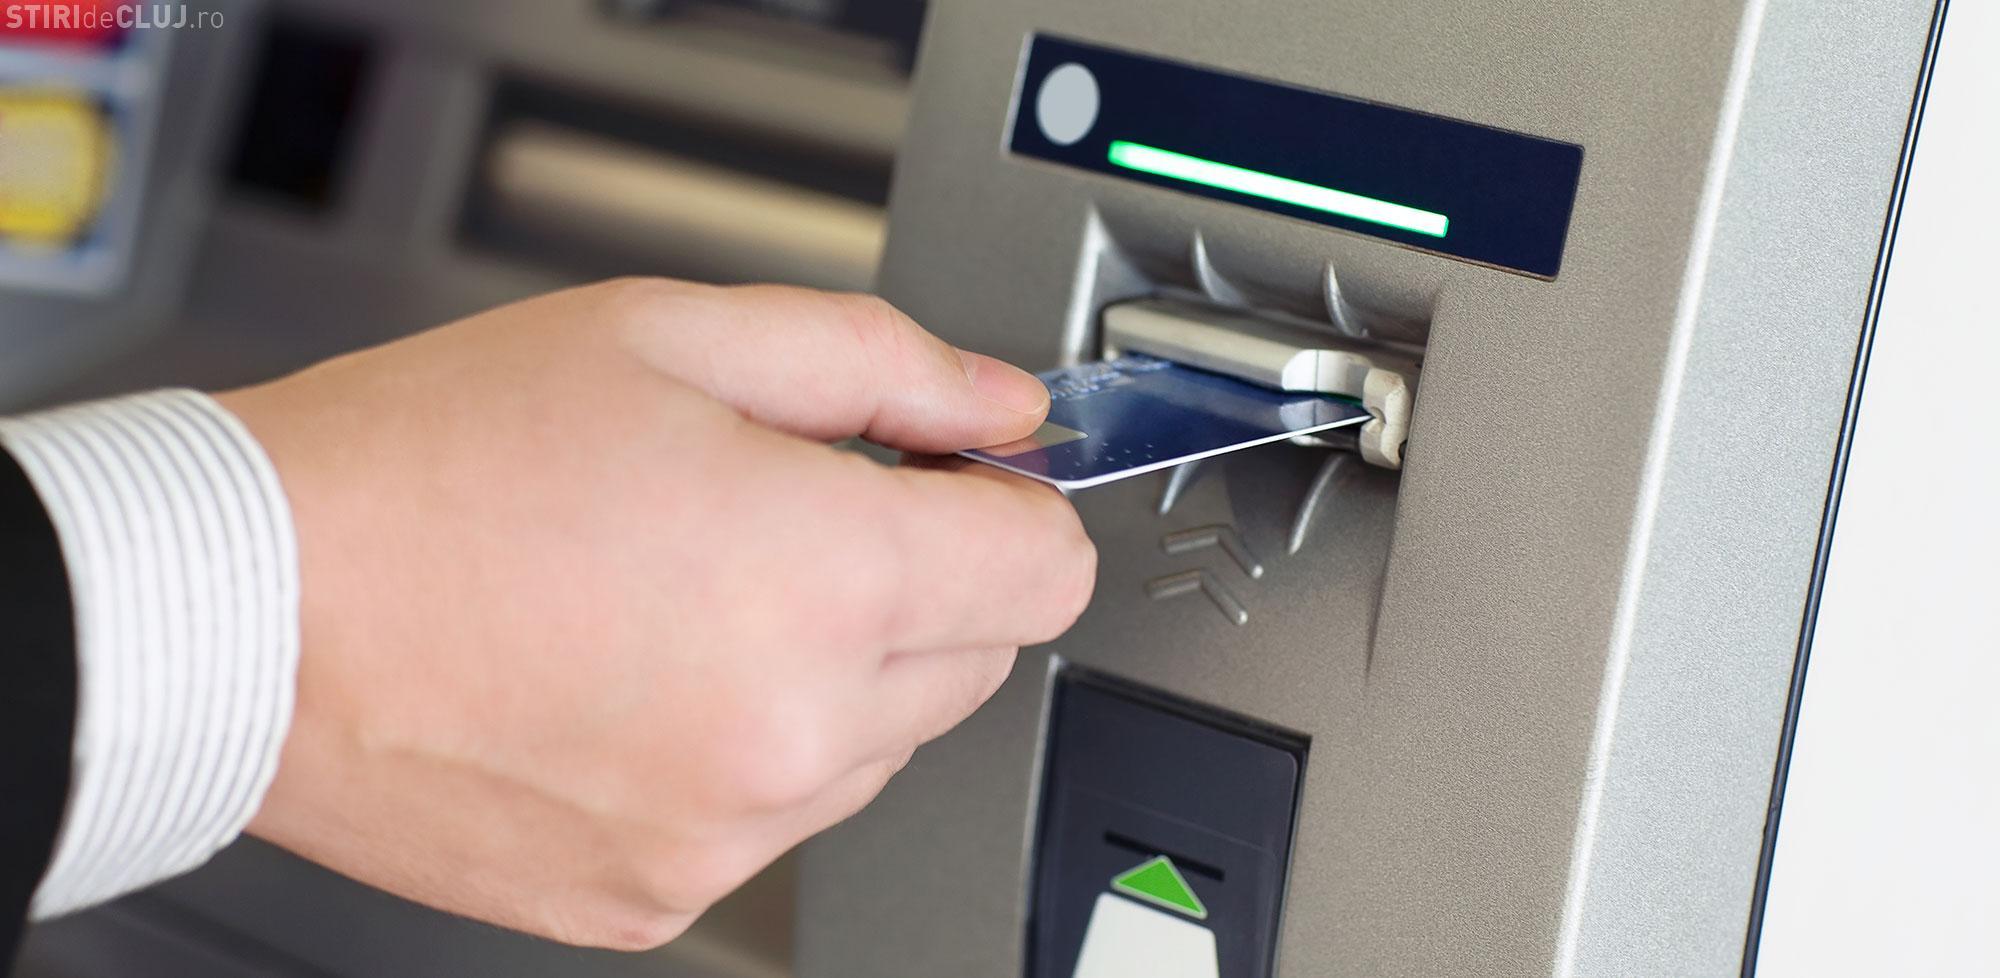 Premierul României: Fiecare sat sau comună din țară să aibă câte un bancomat